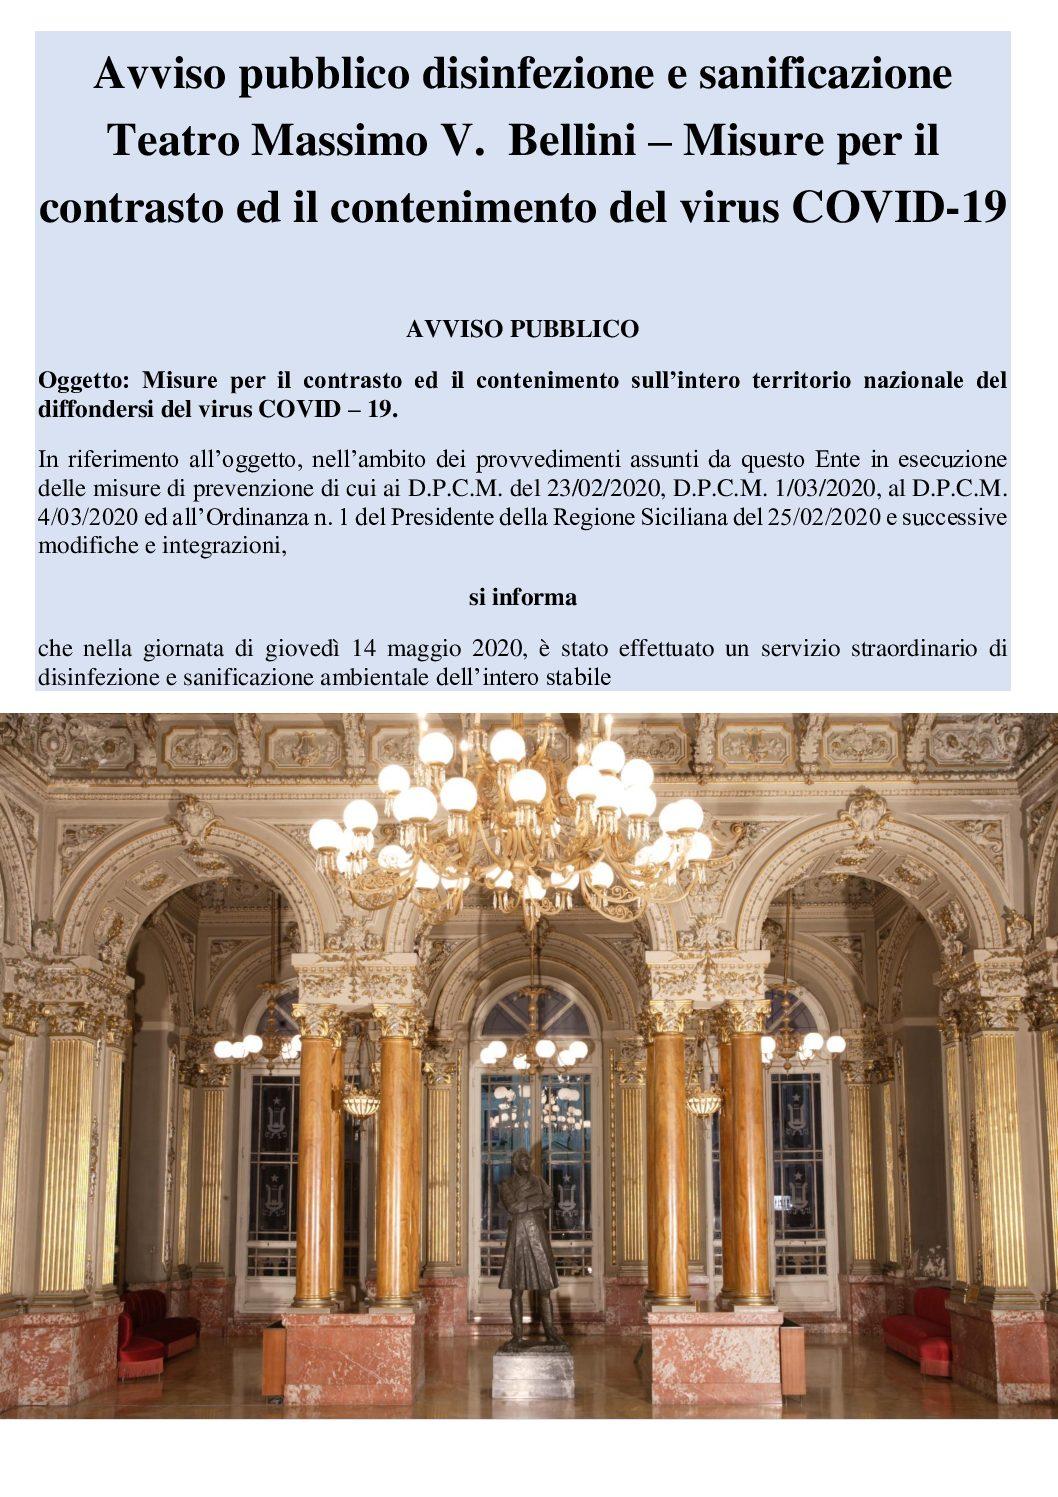 Avviso pubblico disinfezione e sanificazione   Teatro Massimo V.  Bellini – Misure per il contrasto ed il contenimento del virus COVID-19